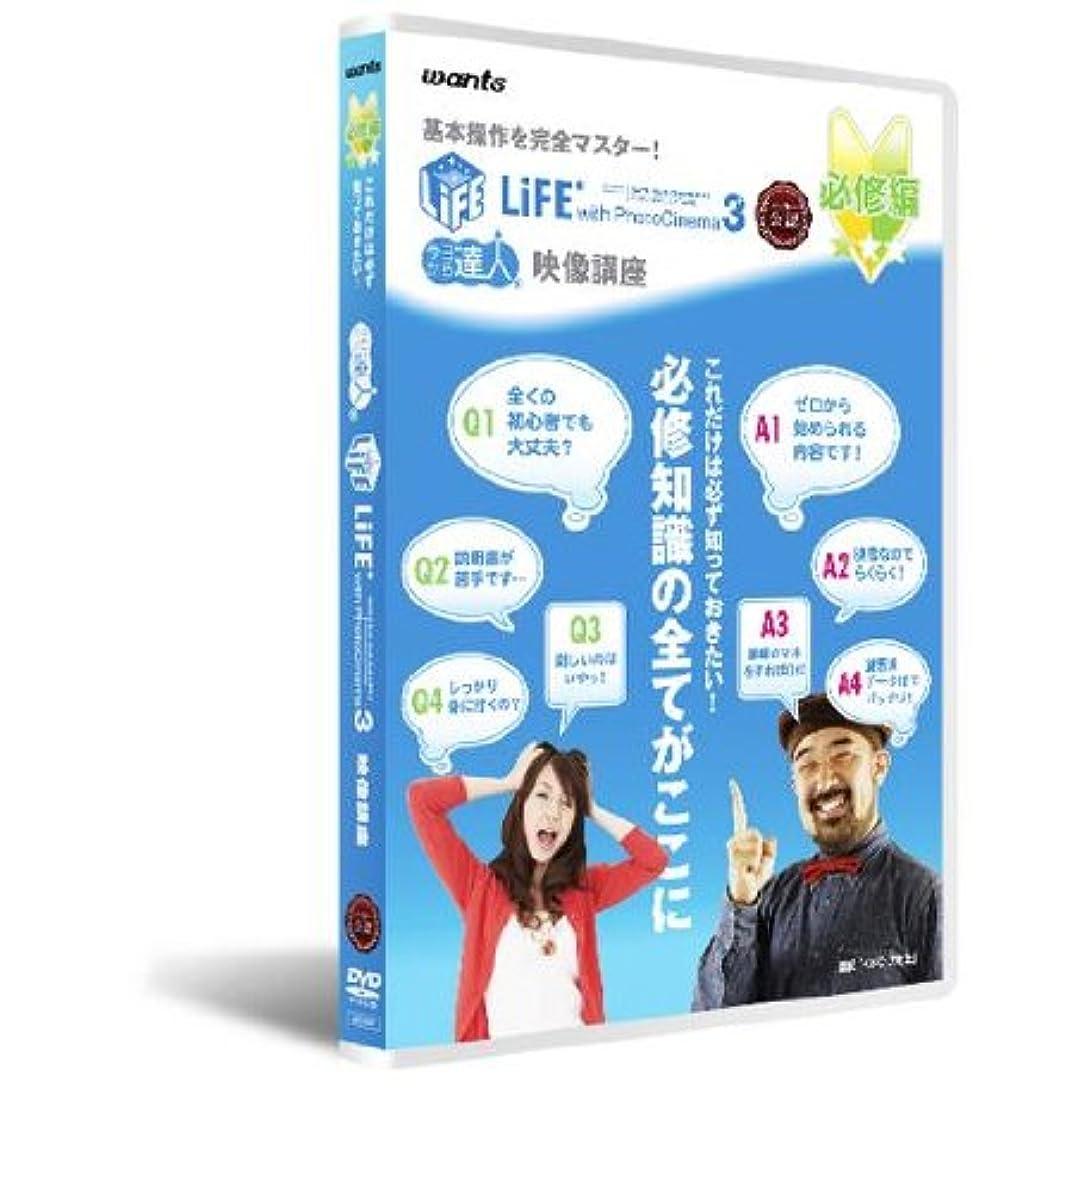 貞おじさんアブストラクトLiFE* with PhotoCinema3:DVD講座